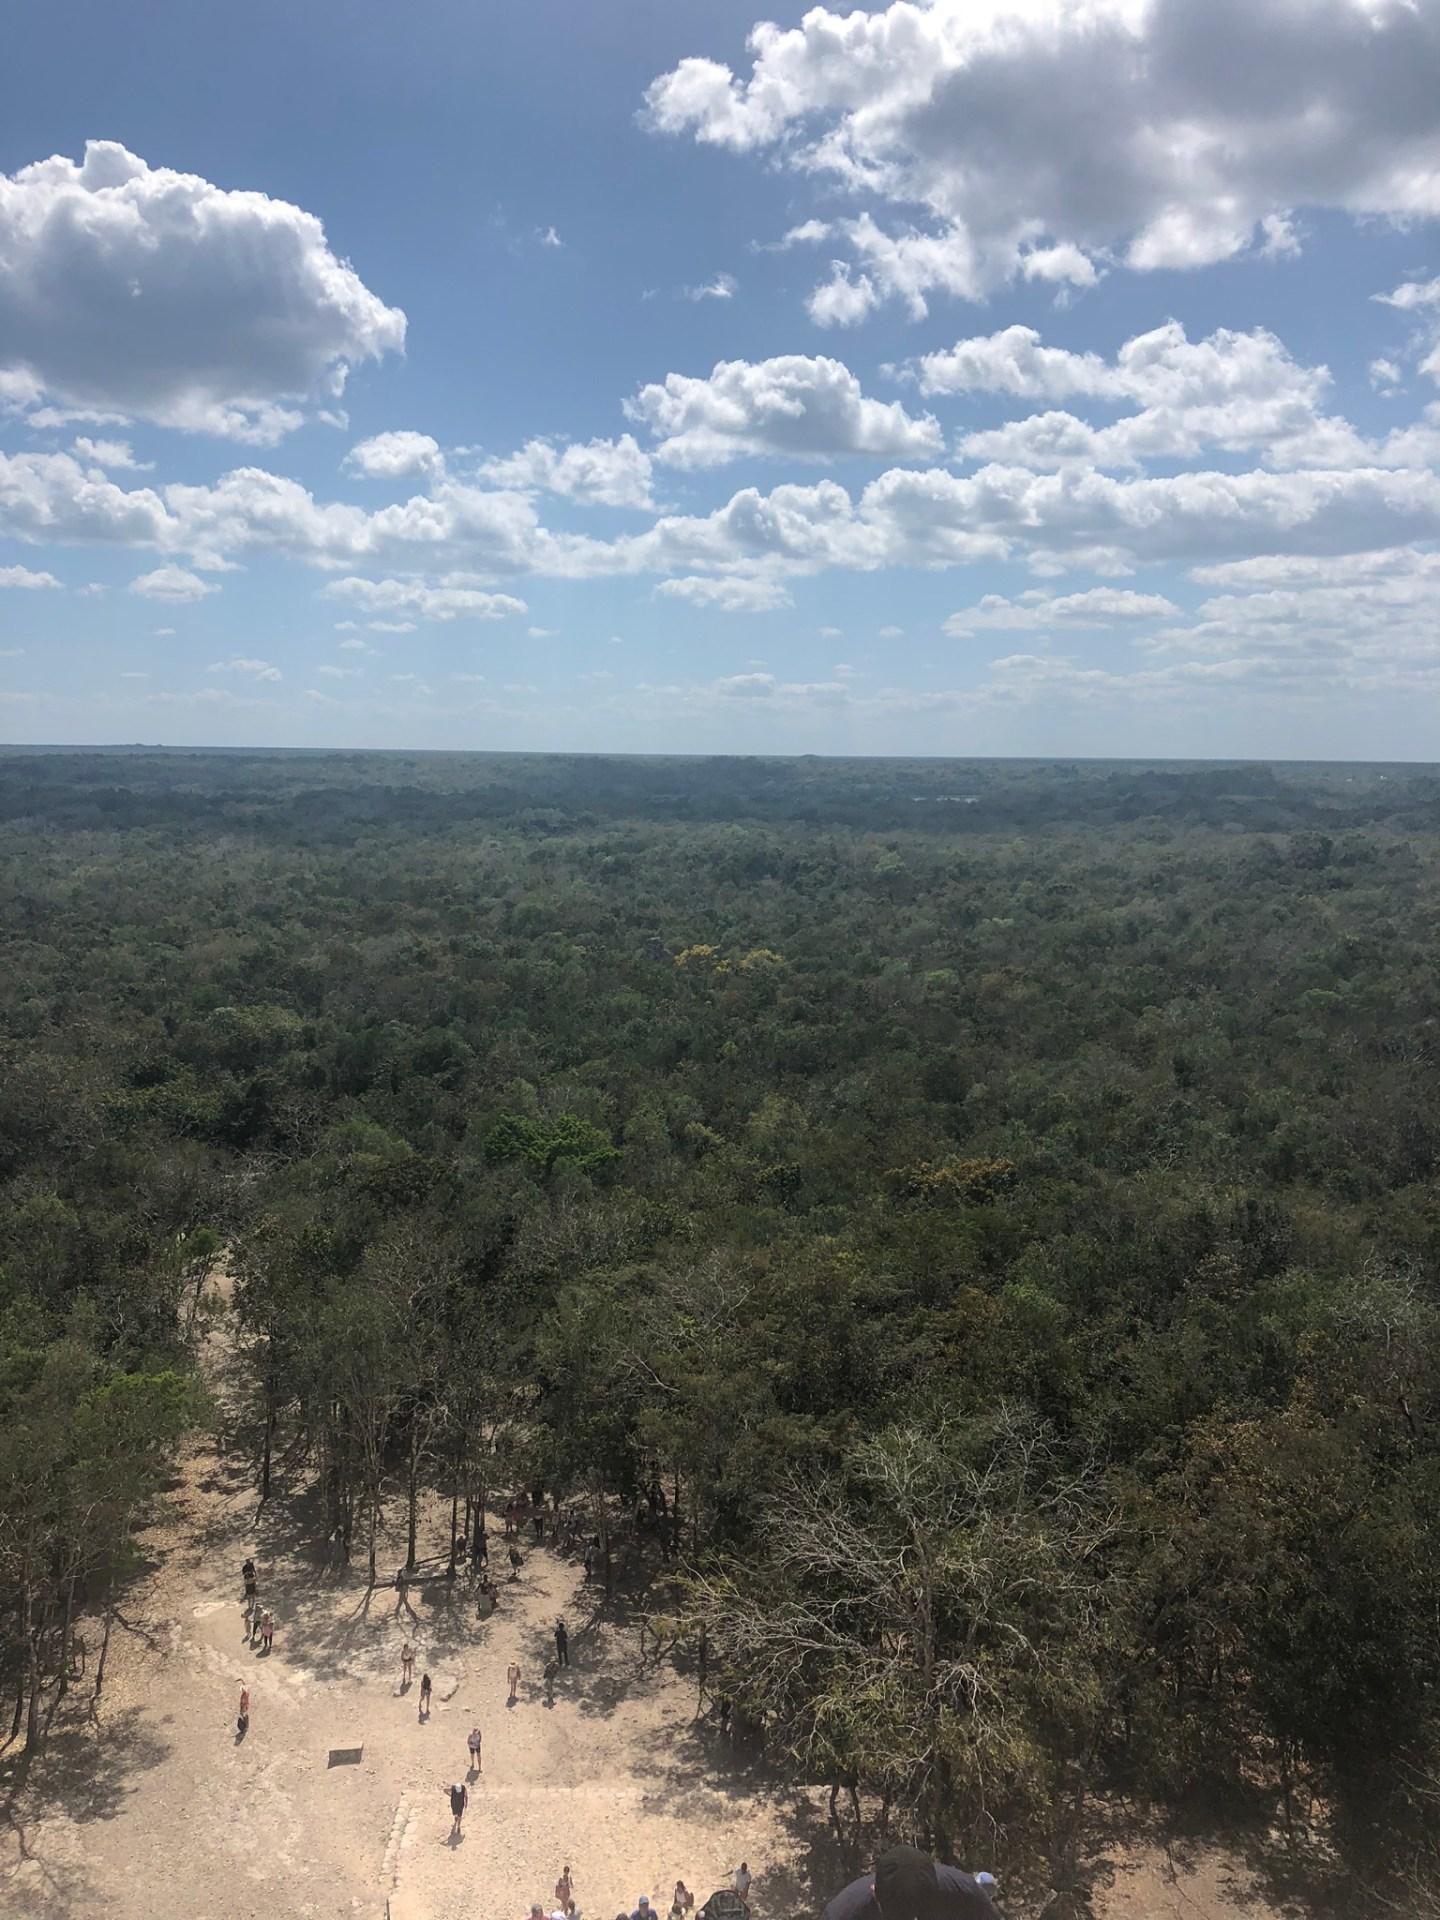 View from the top of the pyramid at Coba, Riviera Maya